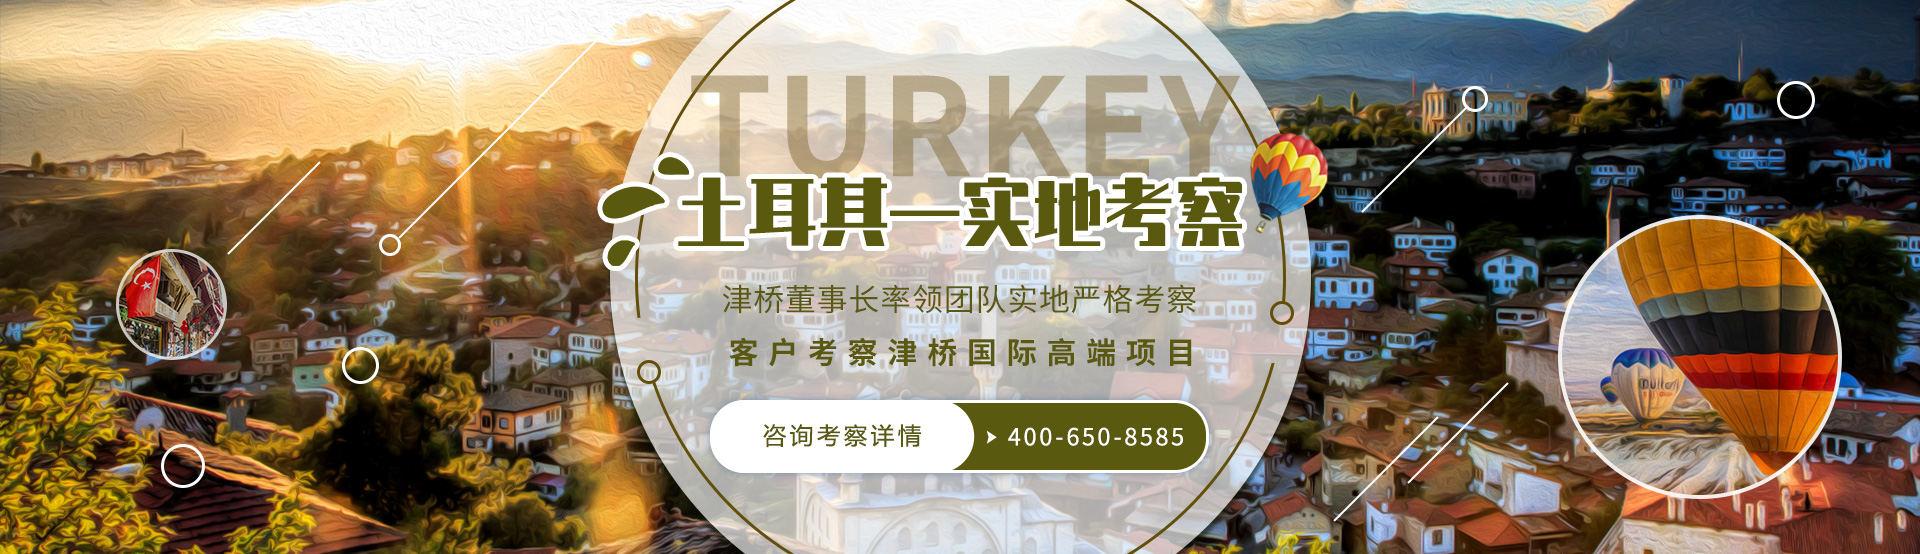 土耳其考察